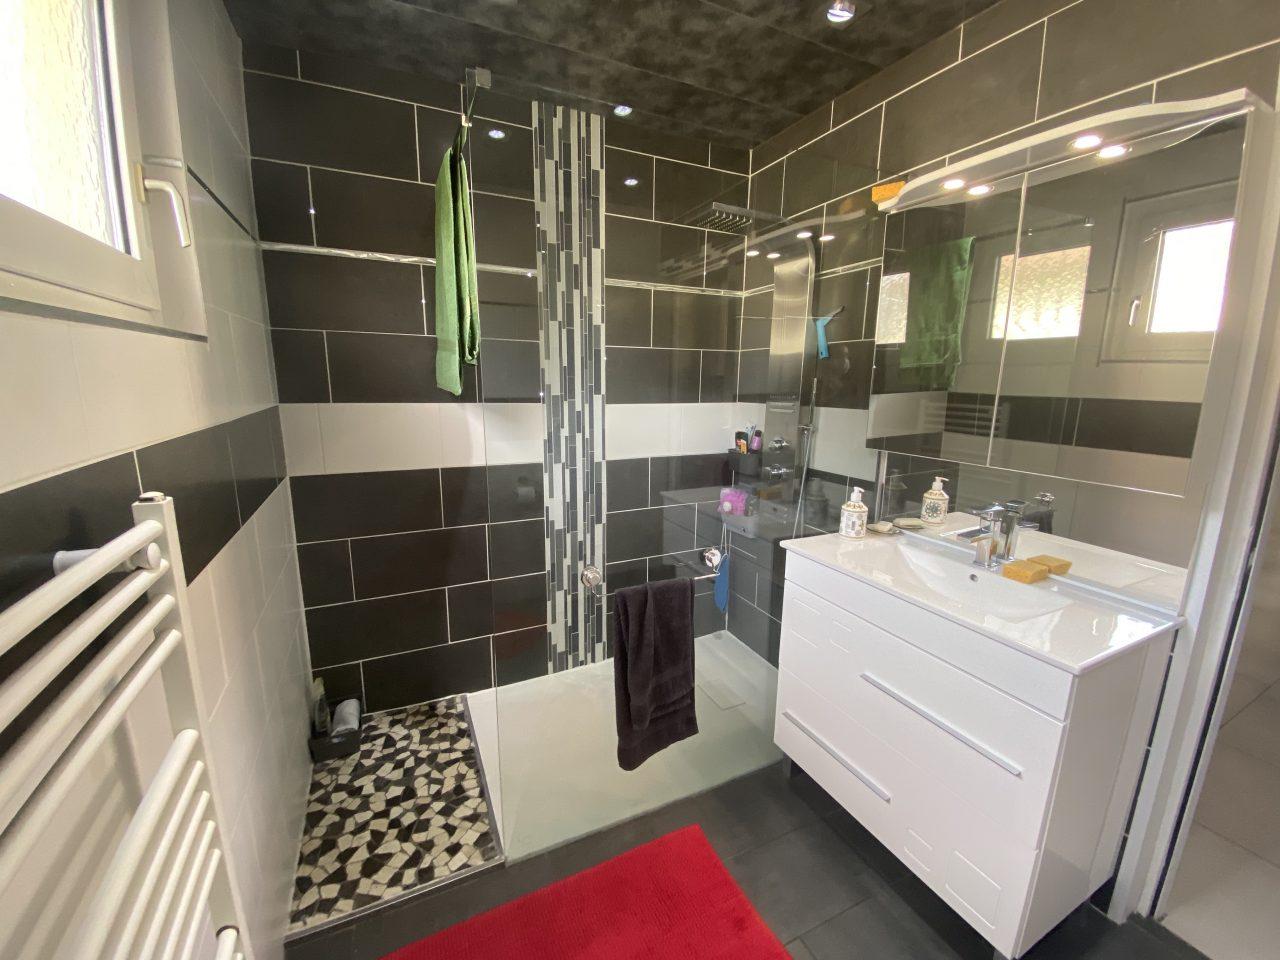 maison vente haguenau salle de bains Fenninger immobilier